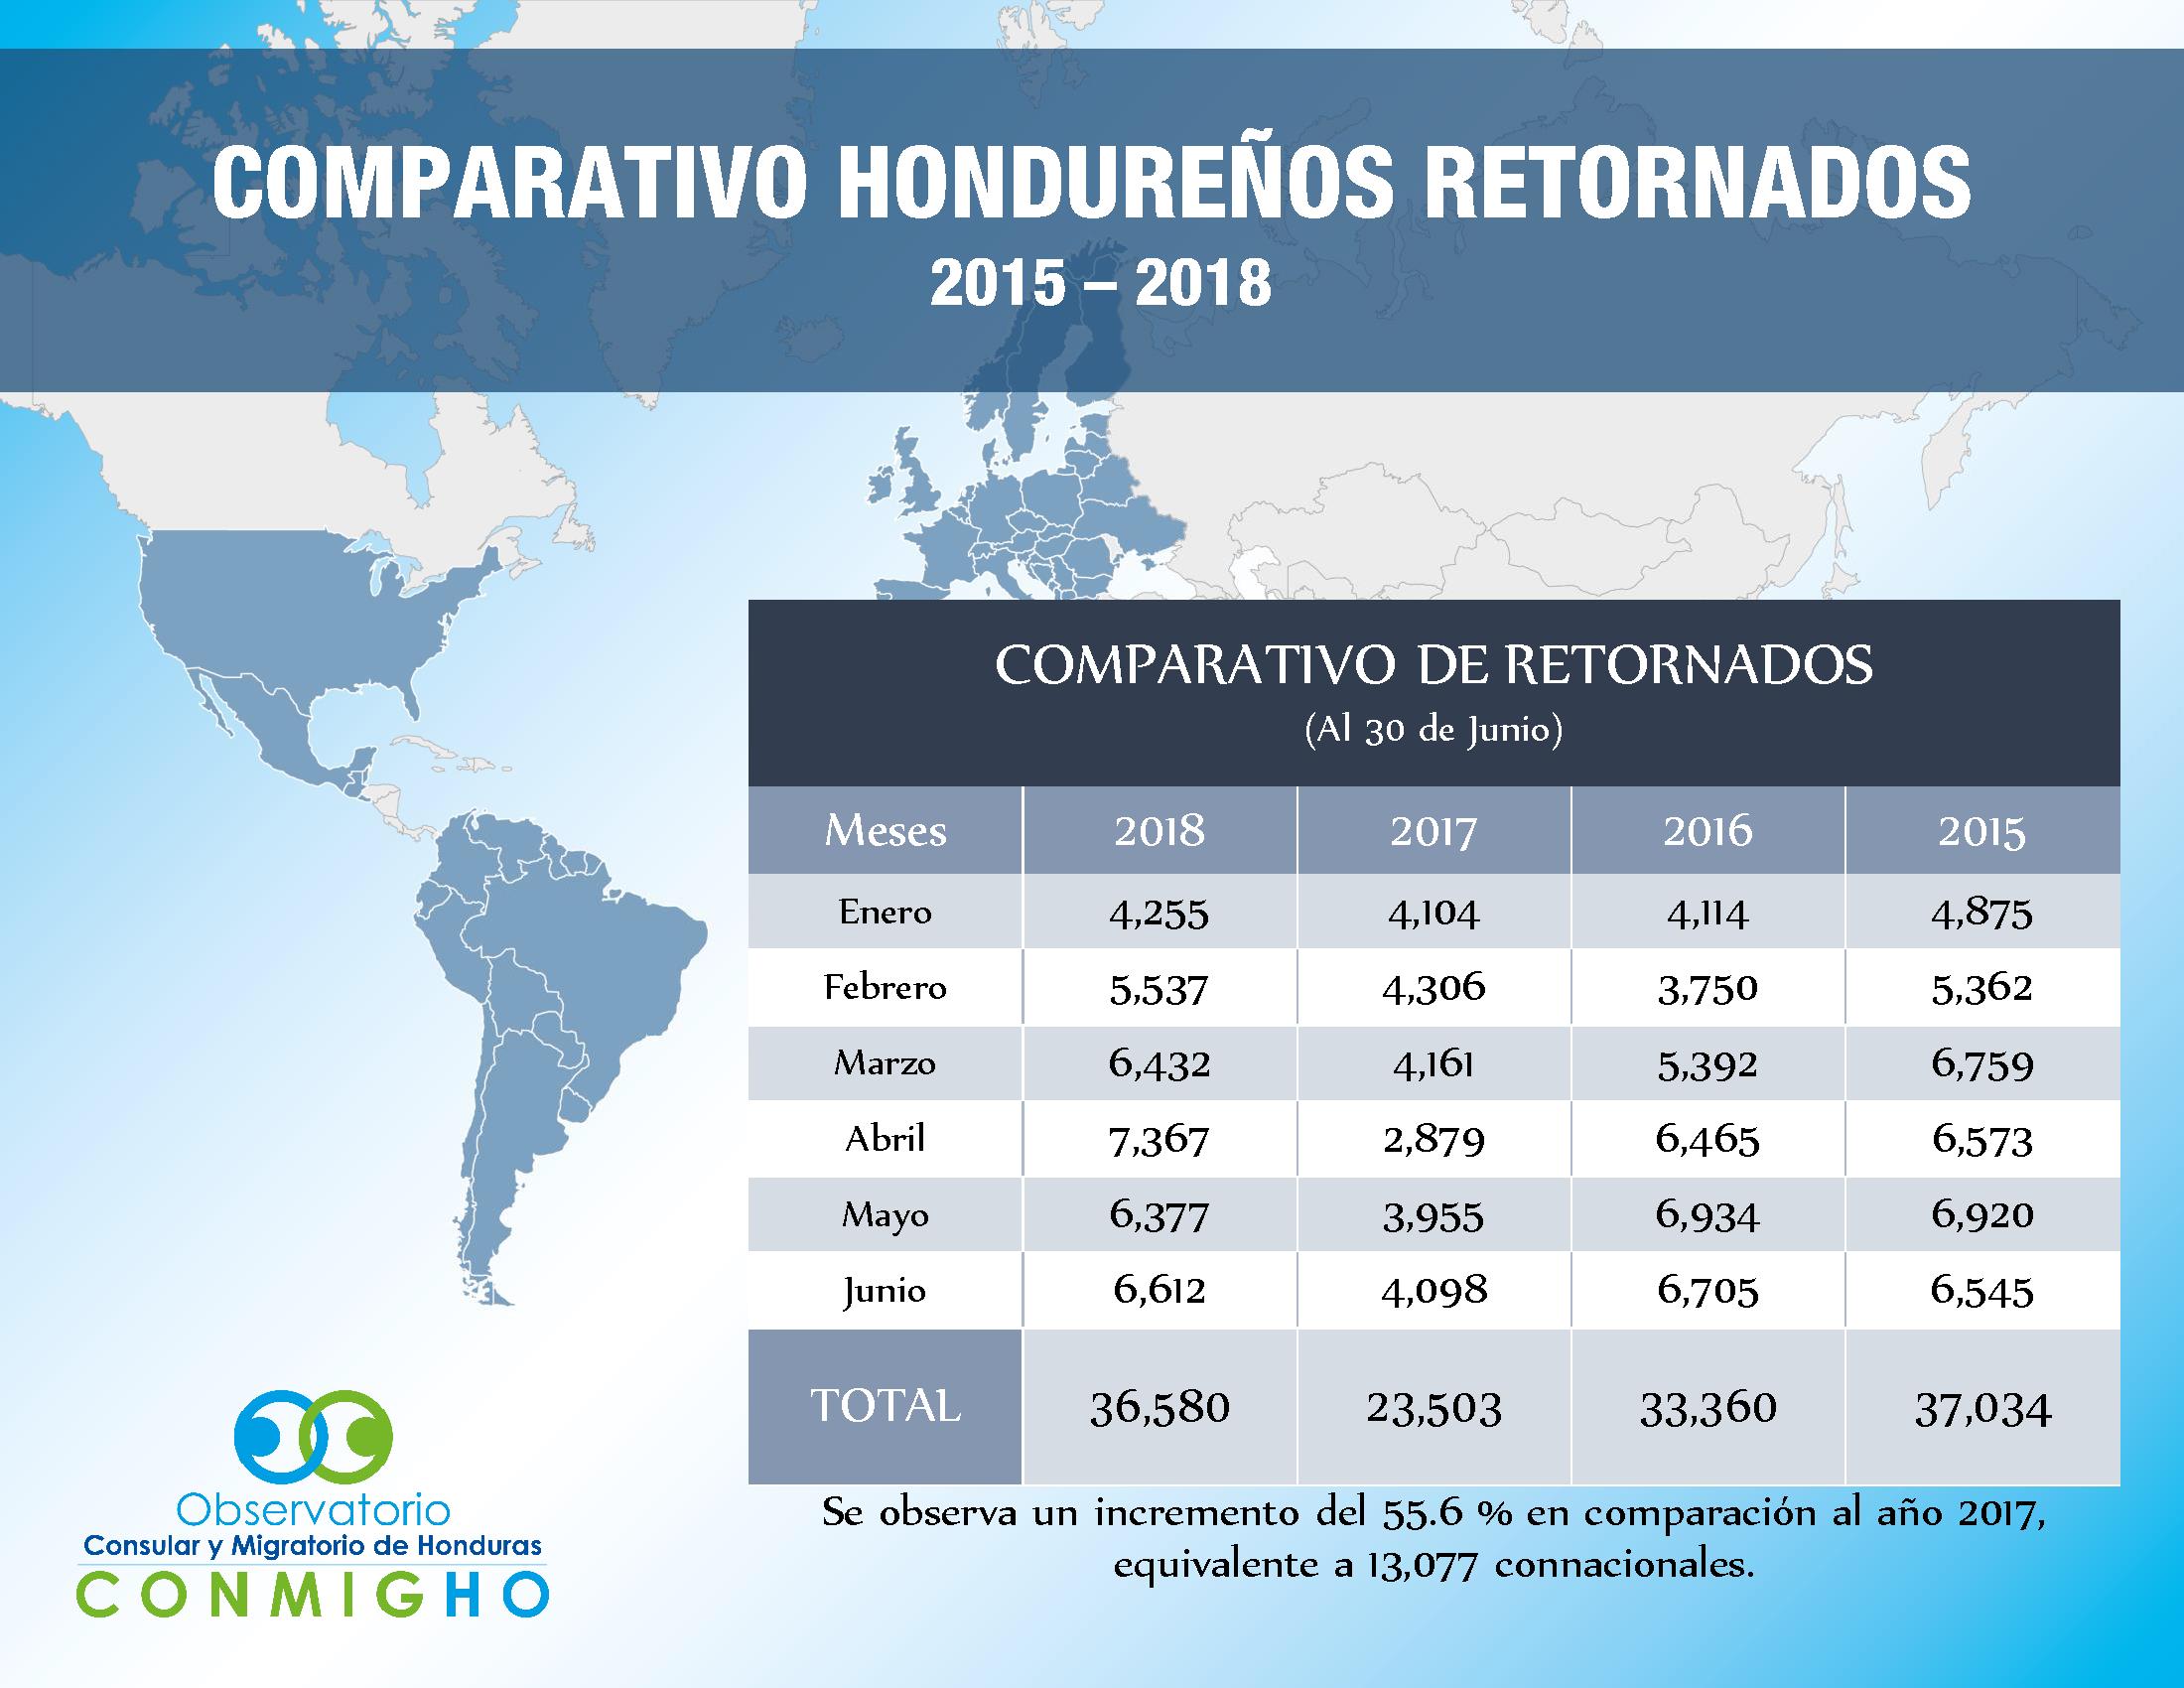 Comparativo retornados hondurenios